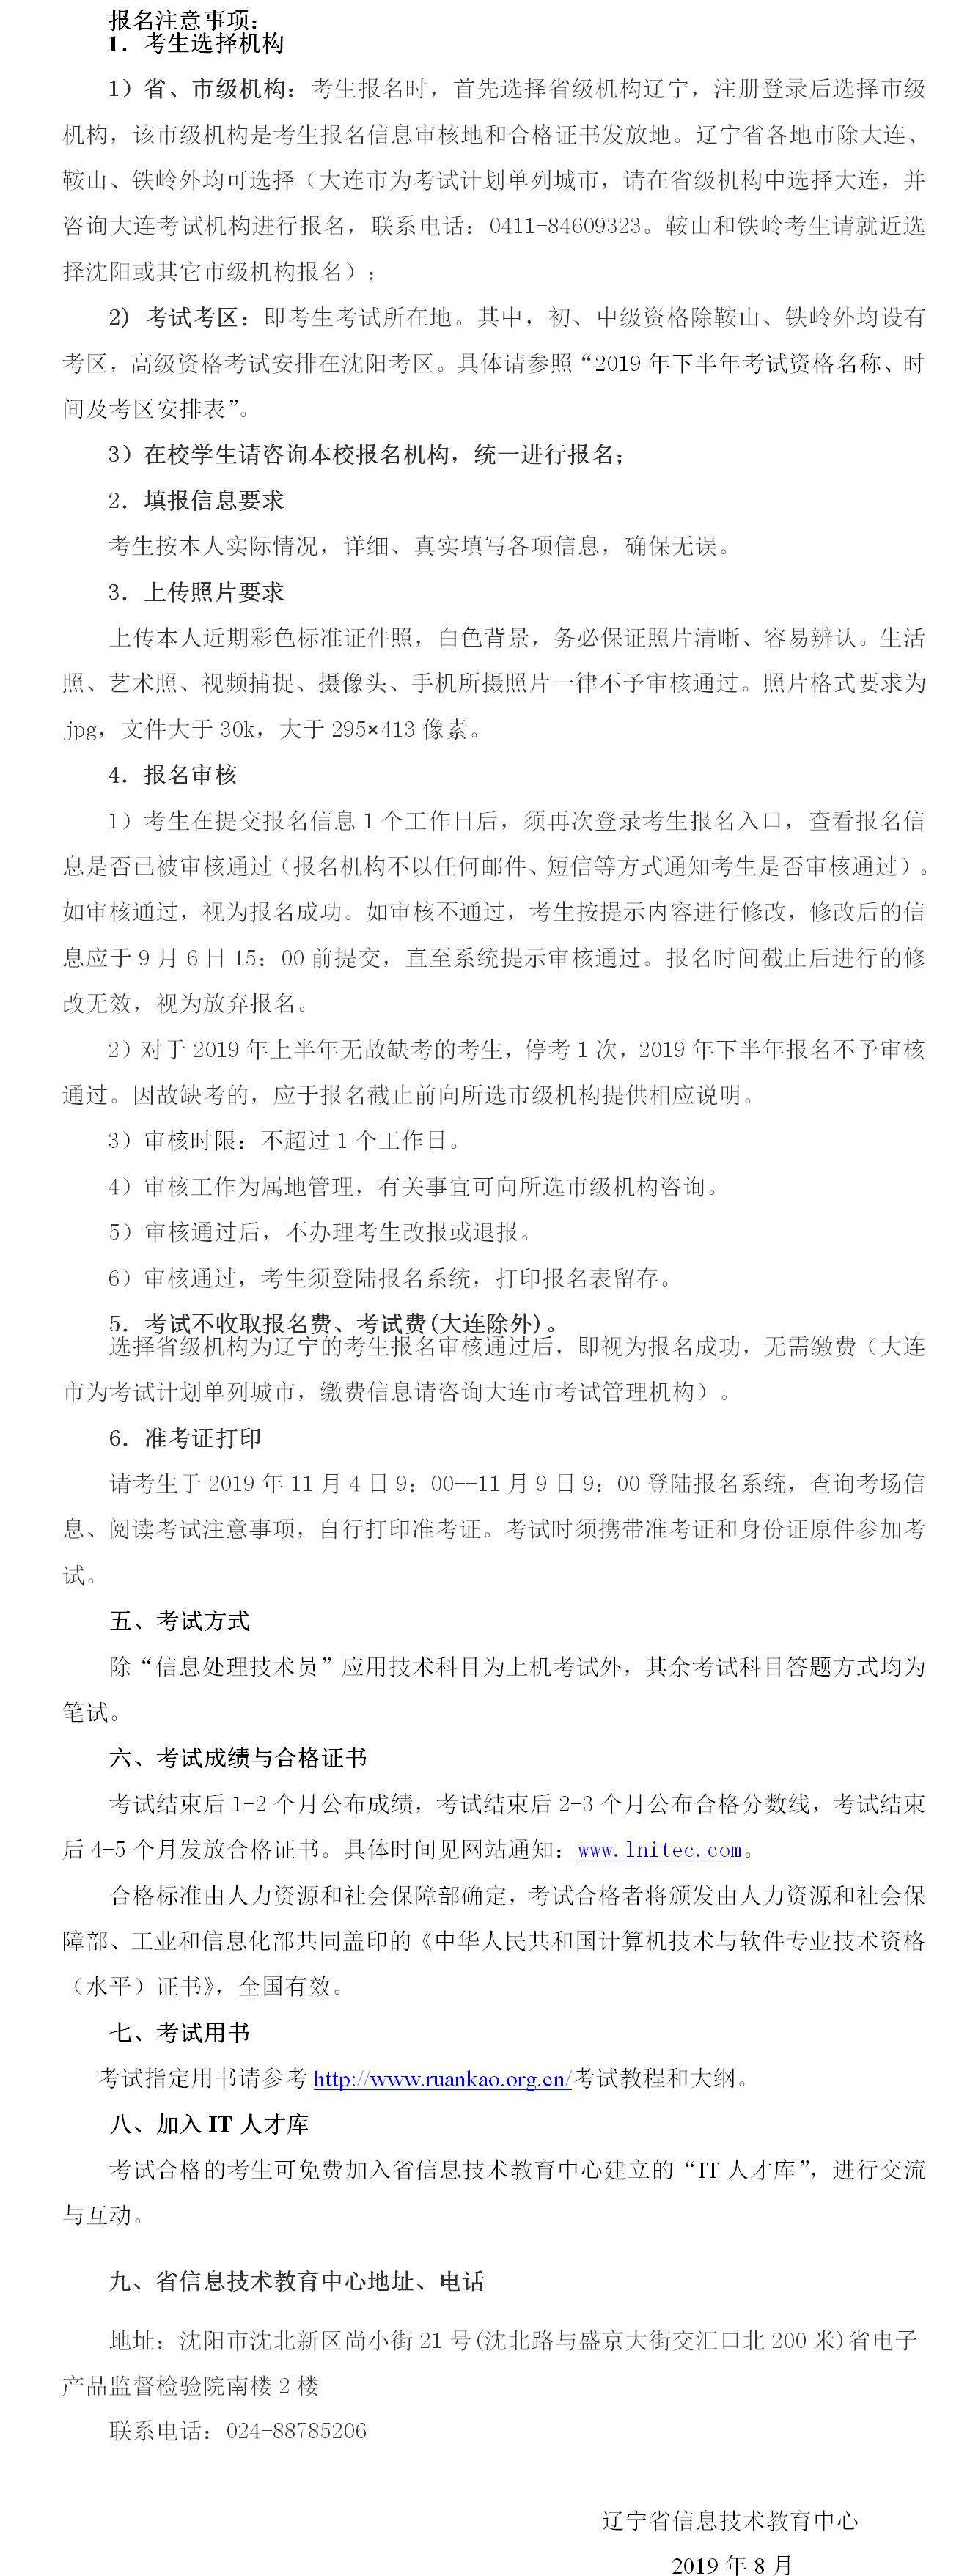 2019年下半年辽宁软考信息系统项目管理师报名通知